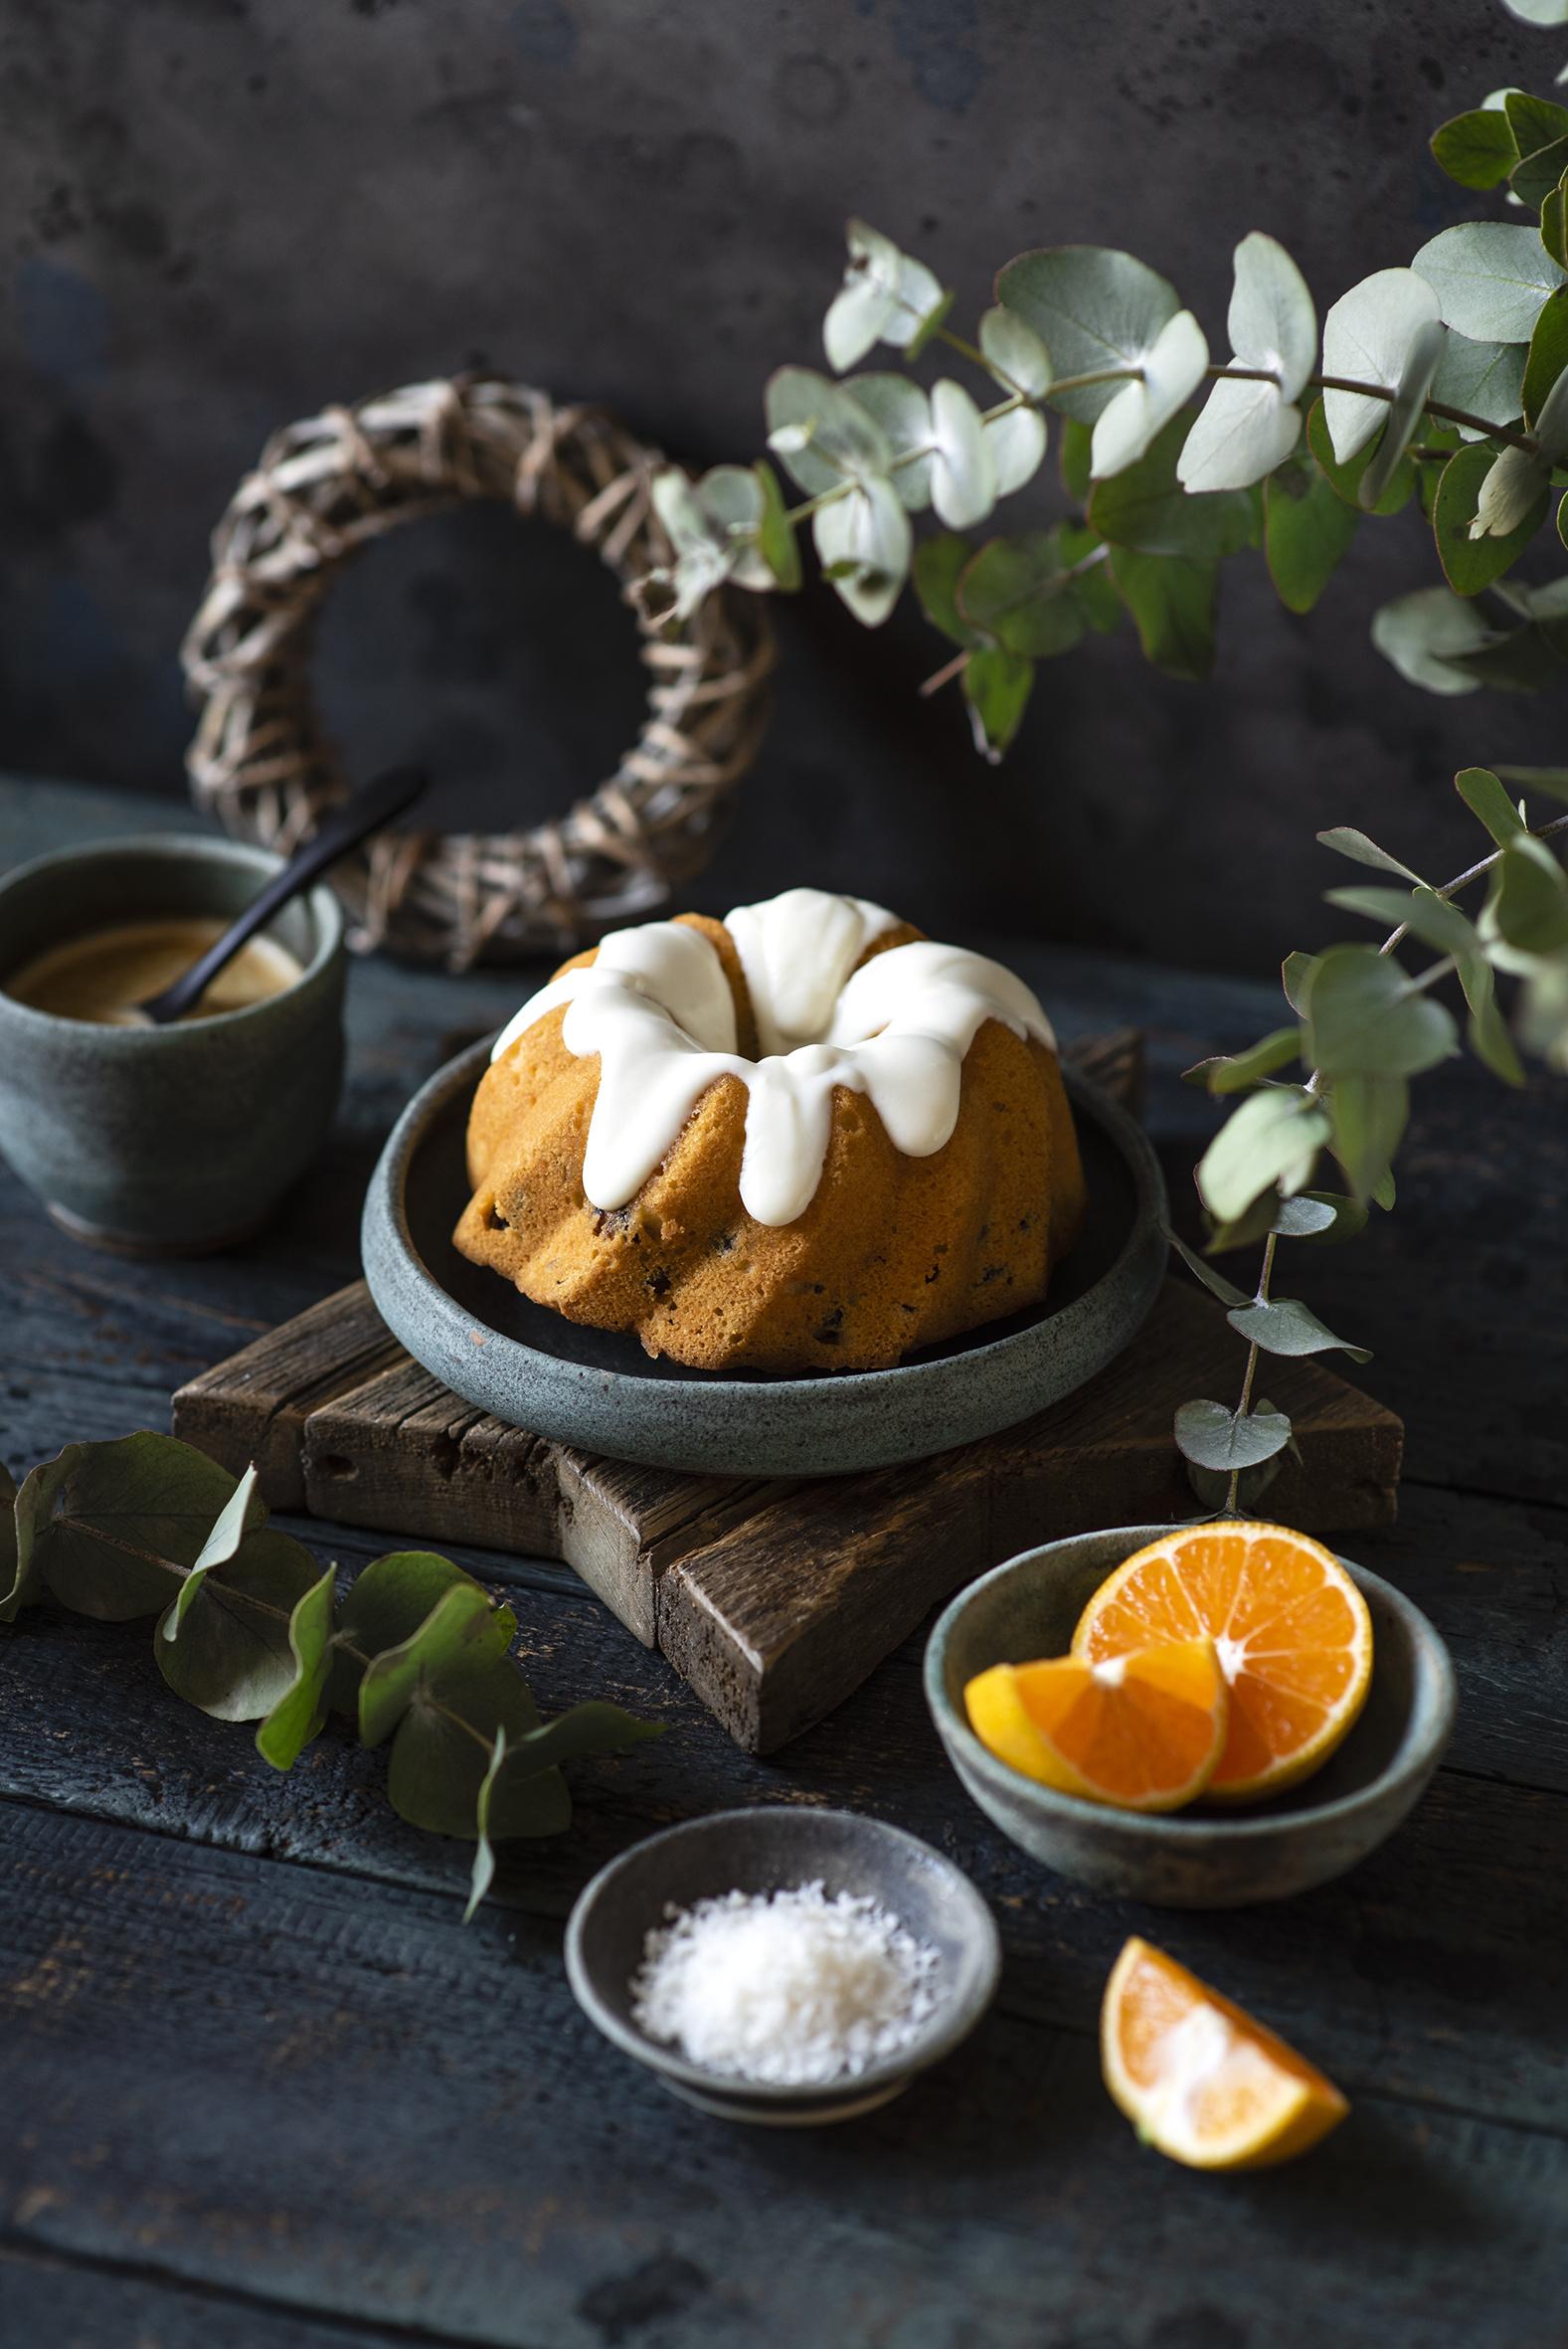 Фотография Кекс Апельсин Сахарная глазурь Продукты питания Доски  для мобильного телефона Еда Пища